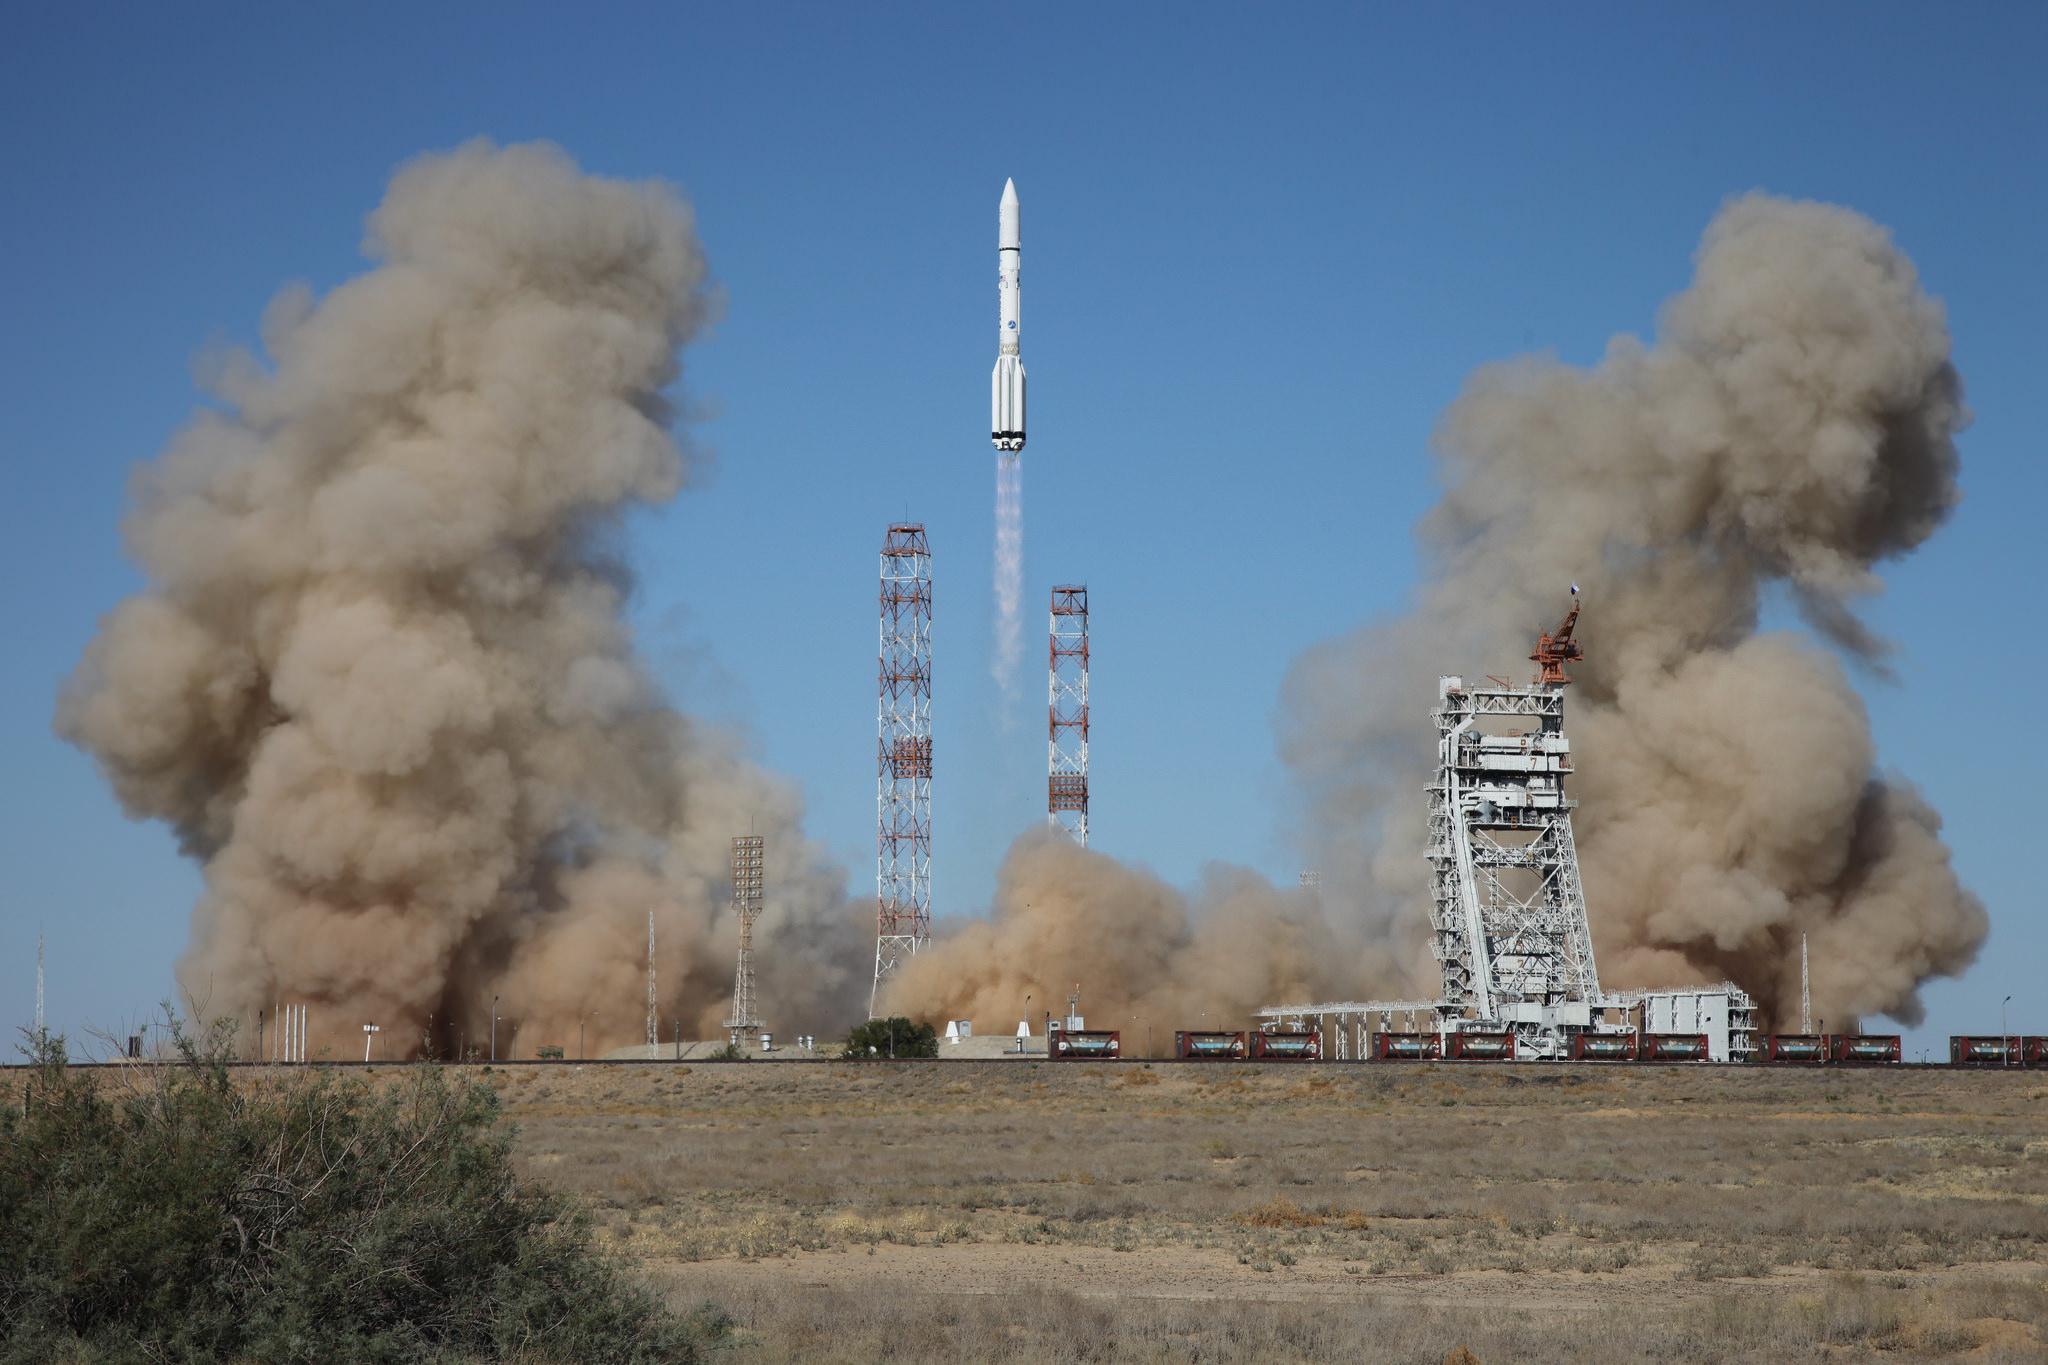 Взлёт ракеты, Космодром Байконур